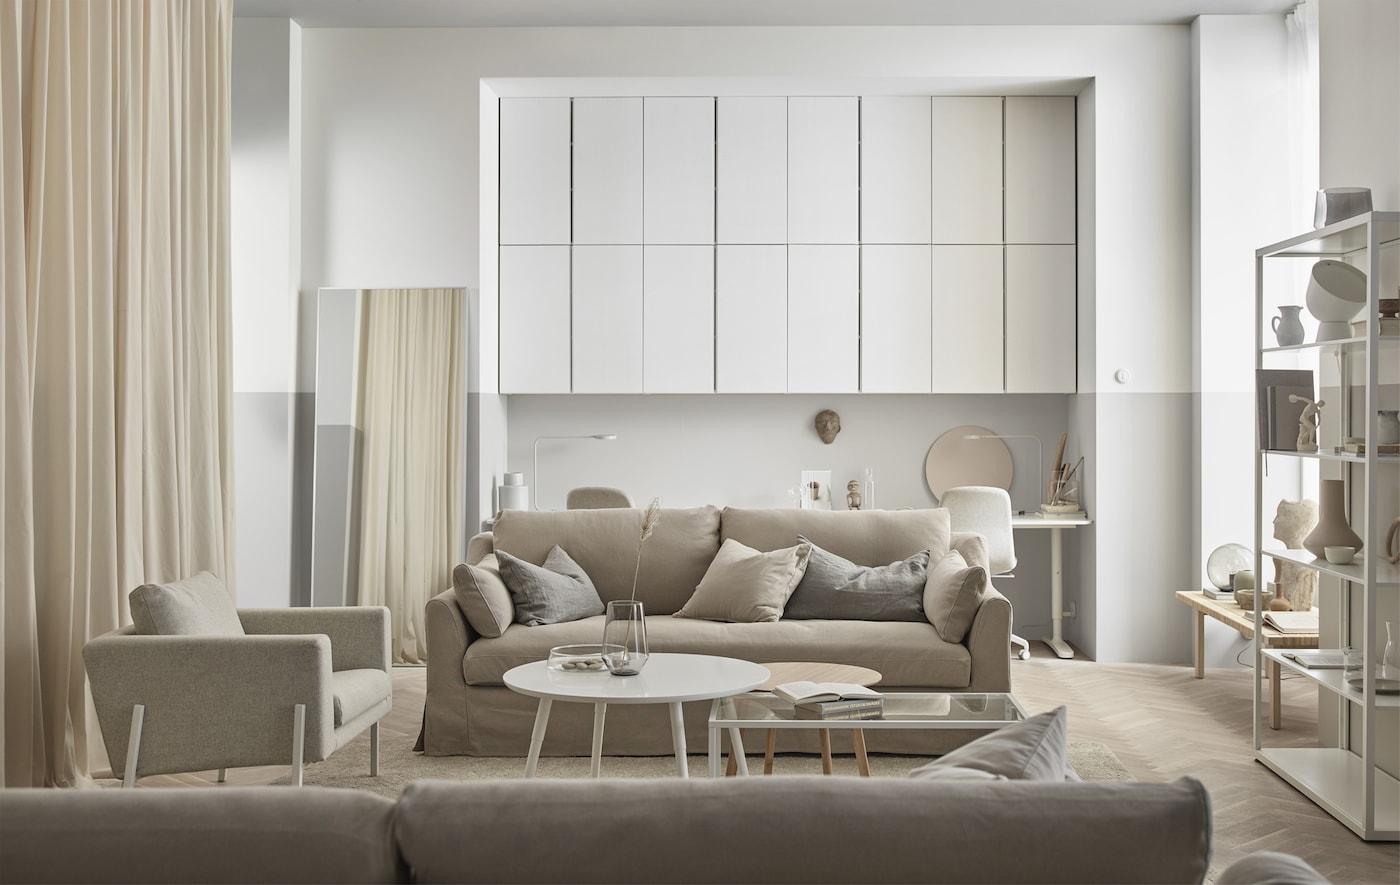 La madera, el blanco-crema y el cristal crean un salón relajante y orgánico.